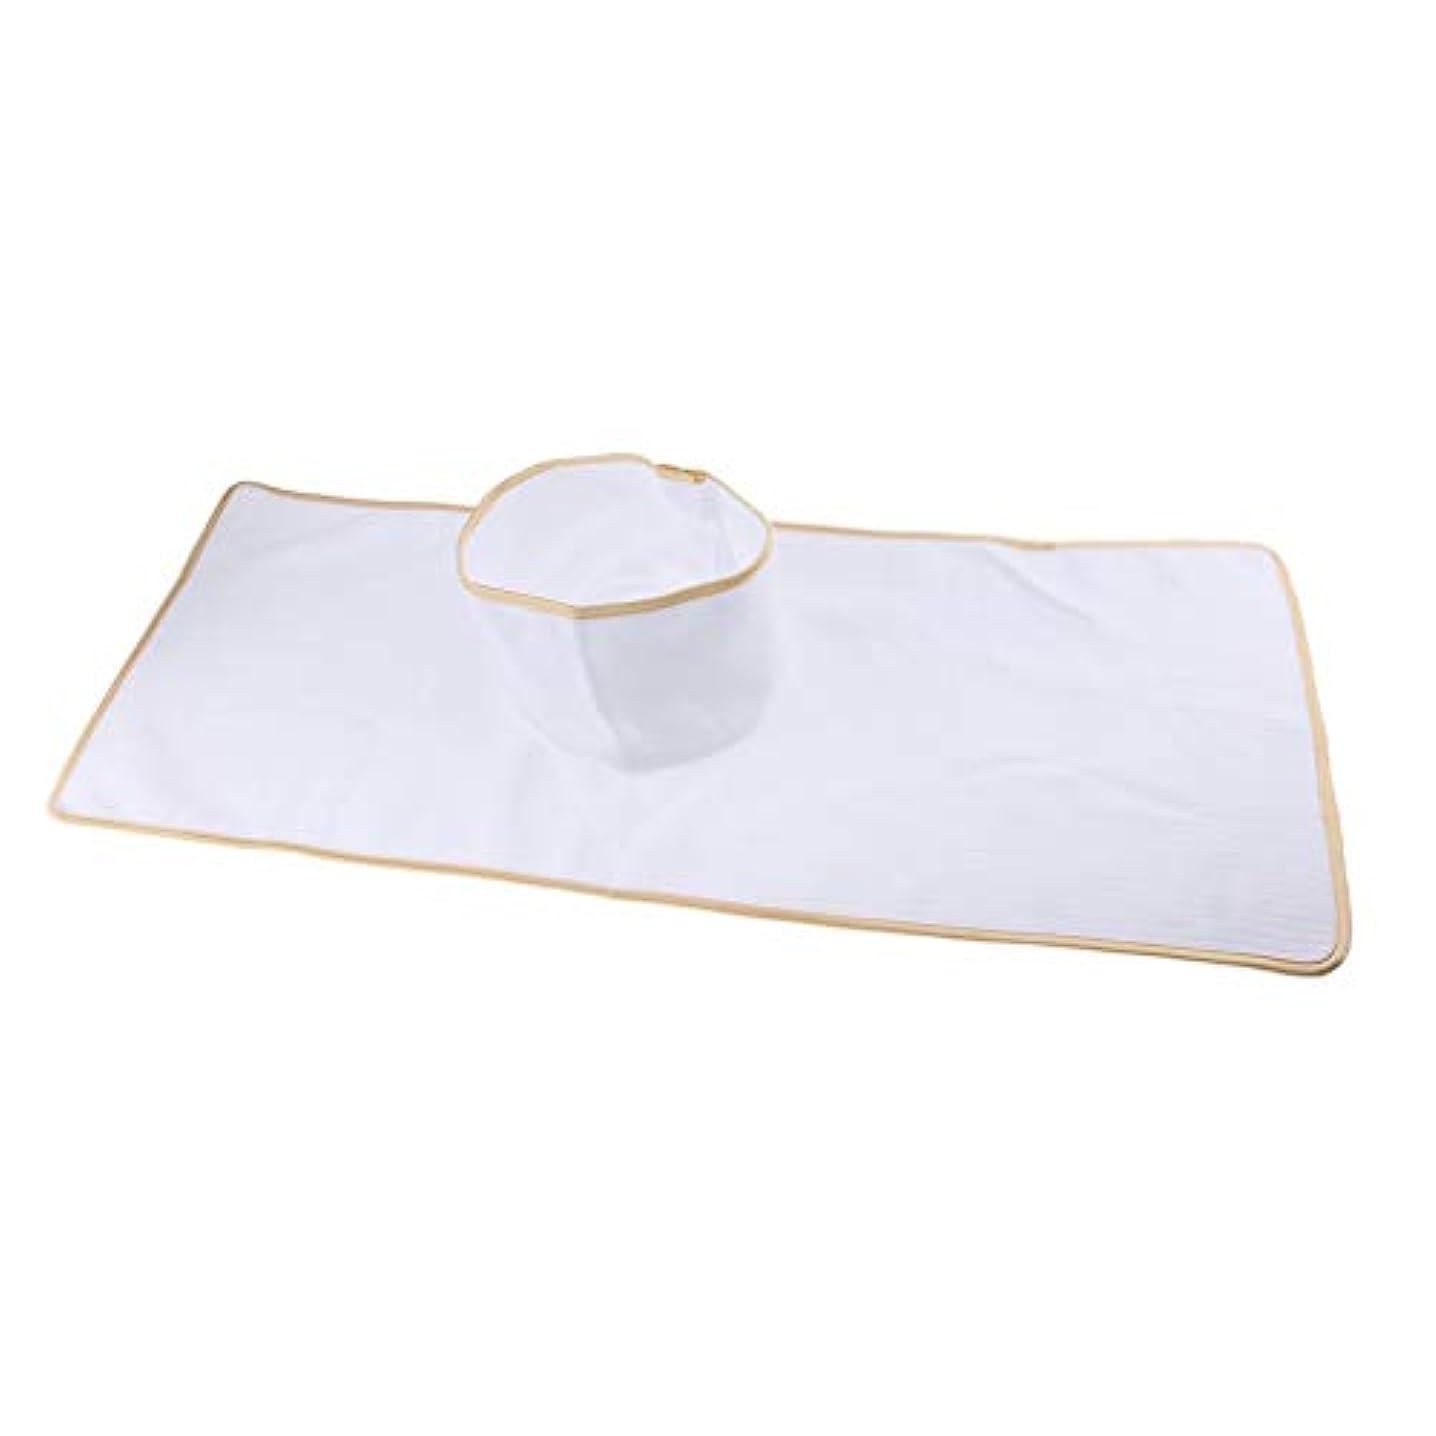 時制フェデレーション腹部マッサージテーブルカバー シート パッド 顔の穴付き 再使用可能 約90×35cm 全3色 - 白